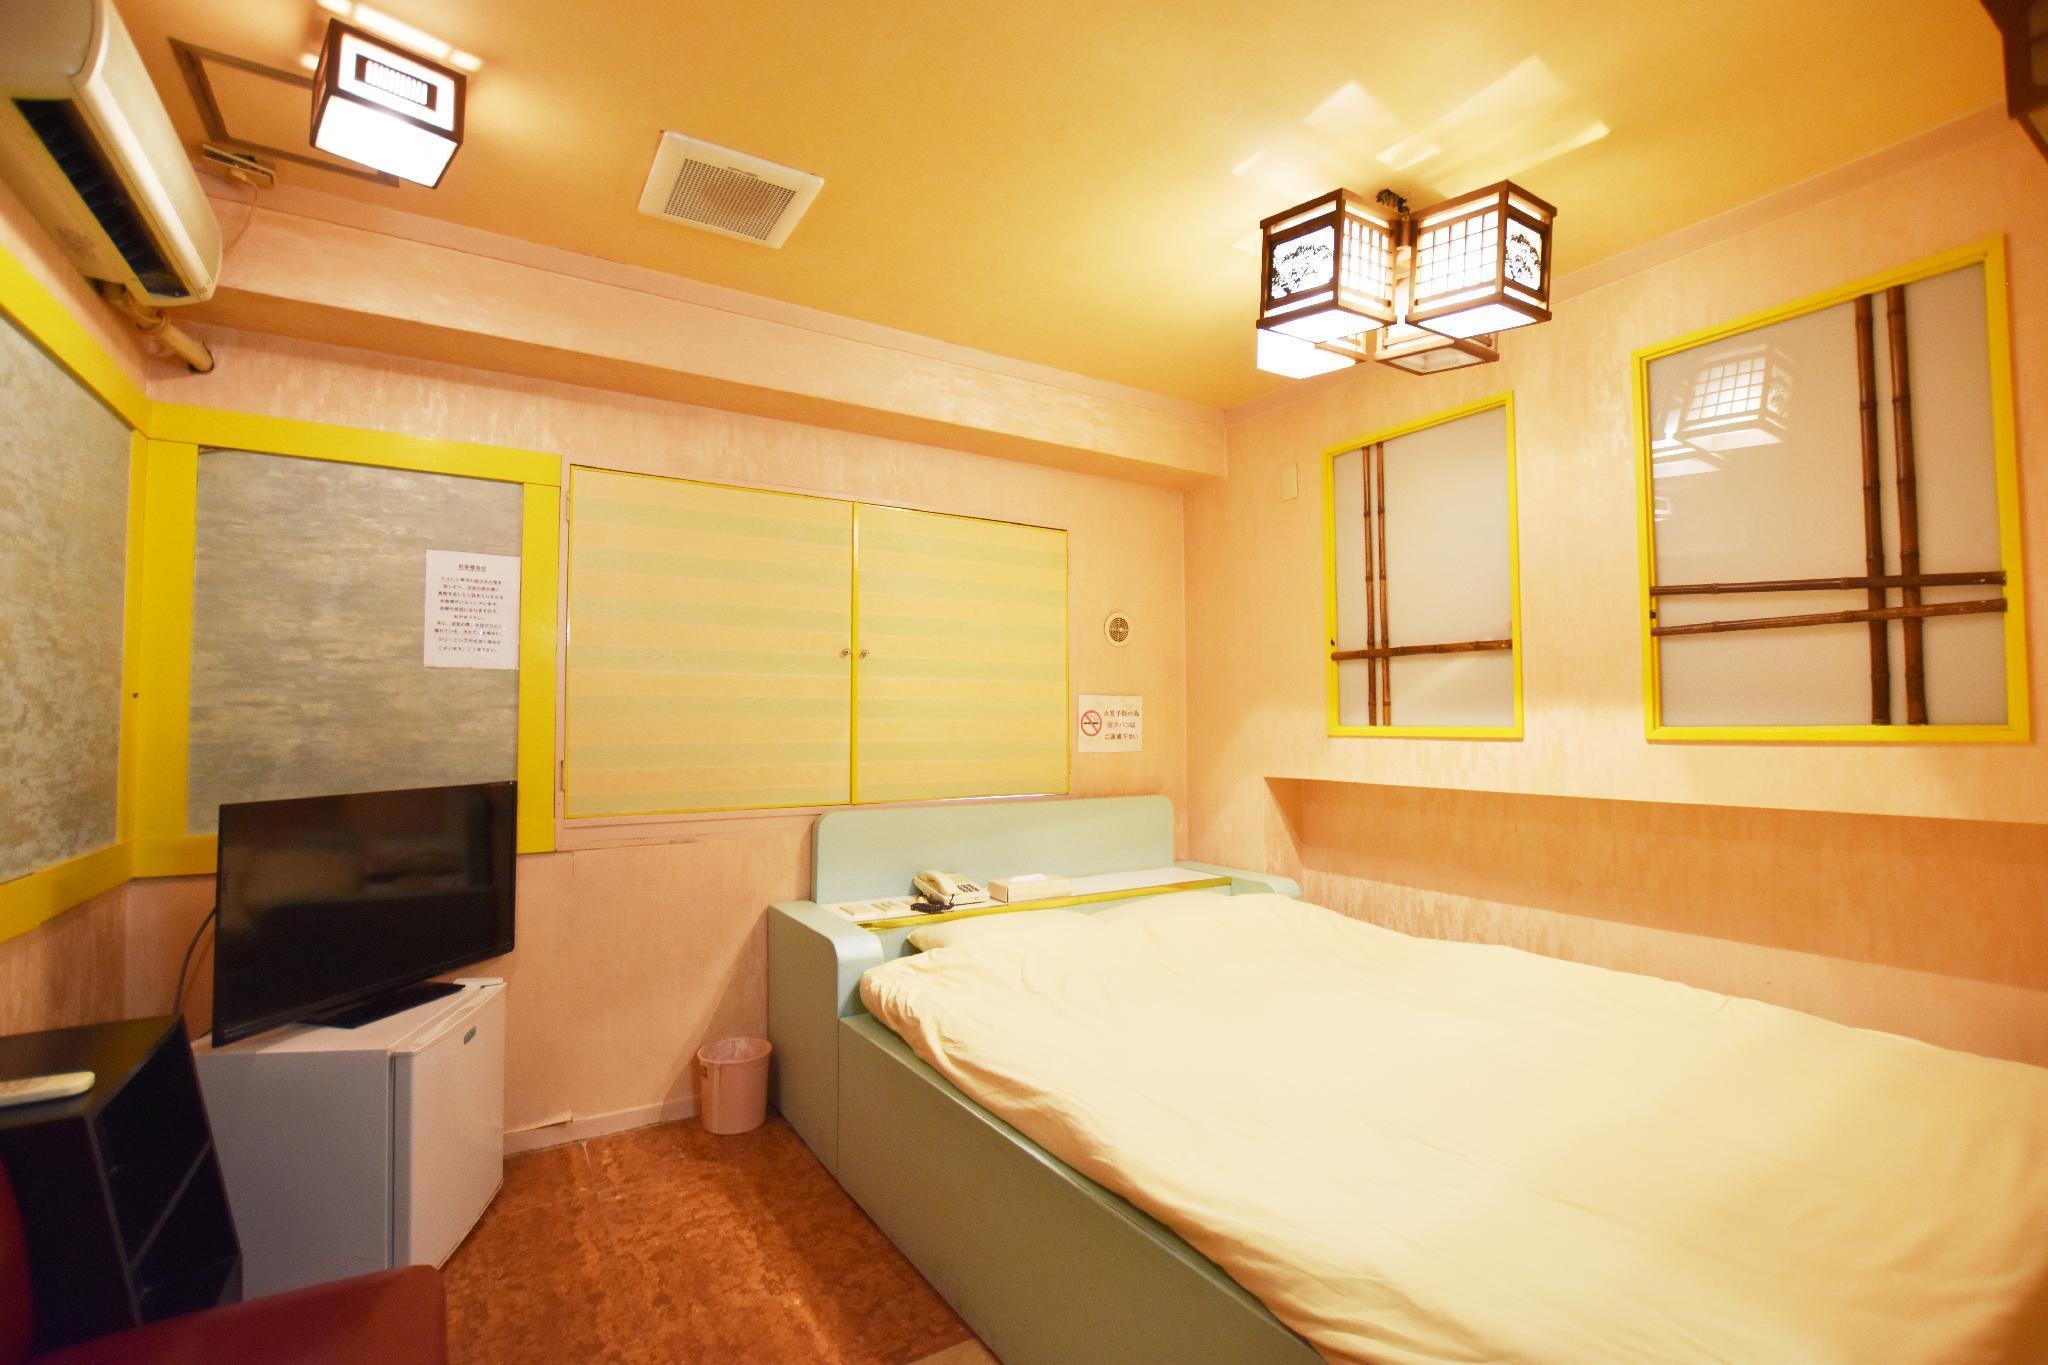 102 HOTEL 1R 5min Walk JR IKEBUKURO STA